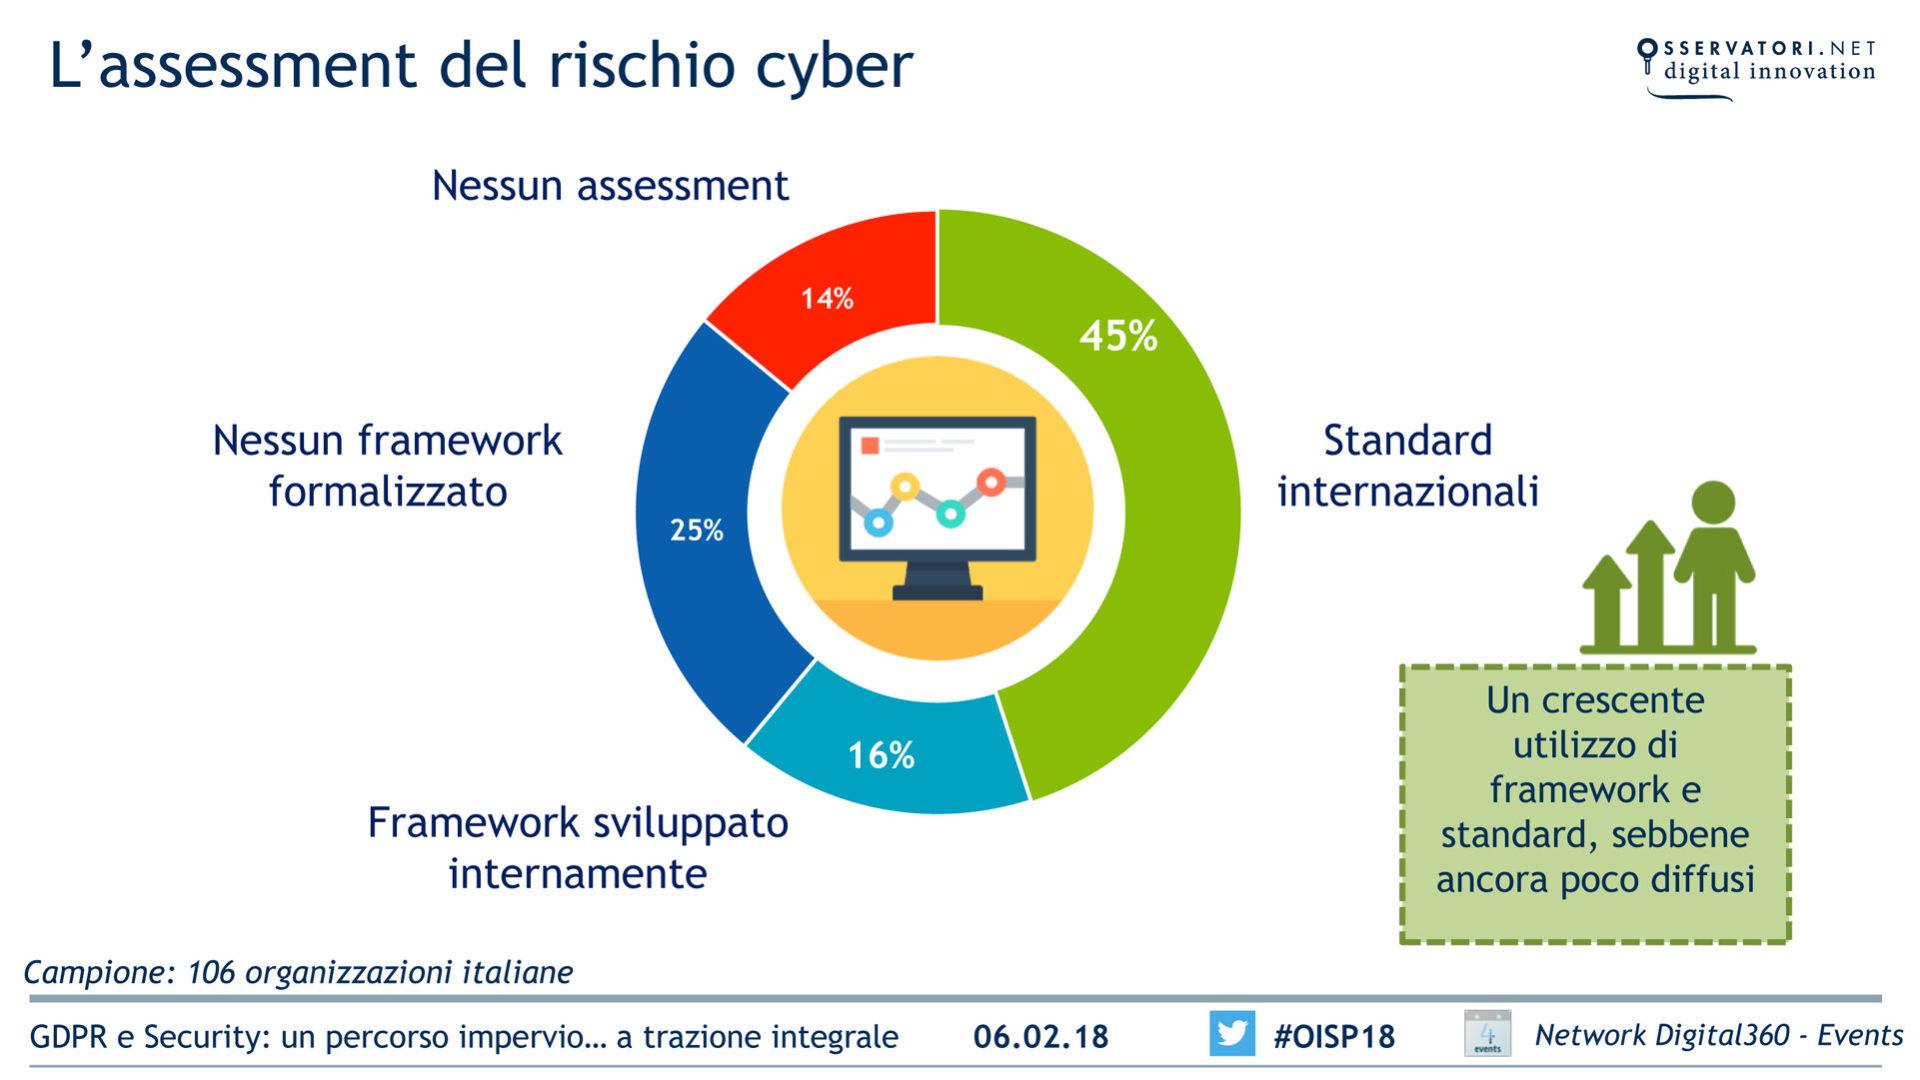 Assessment rischio cyber crescita utilizzo di framework e standard